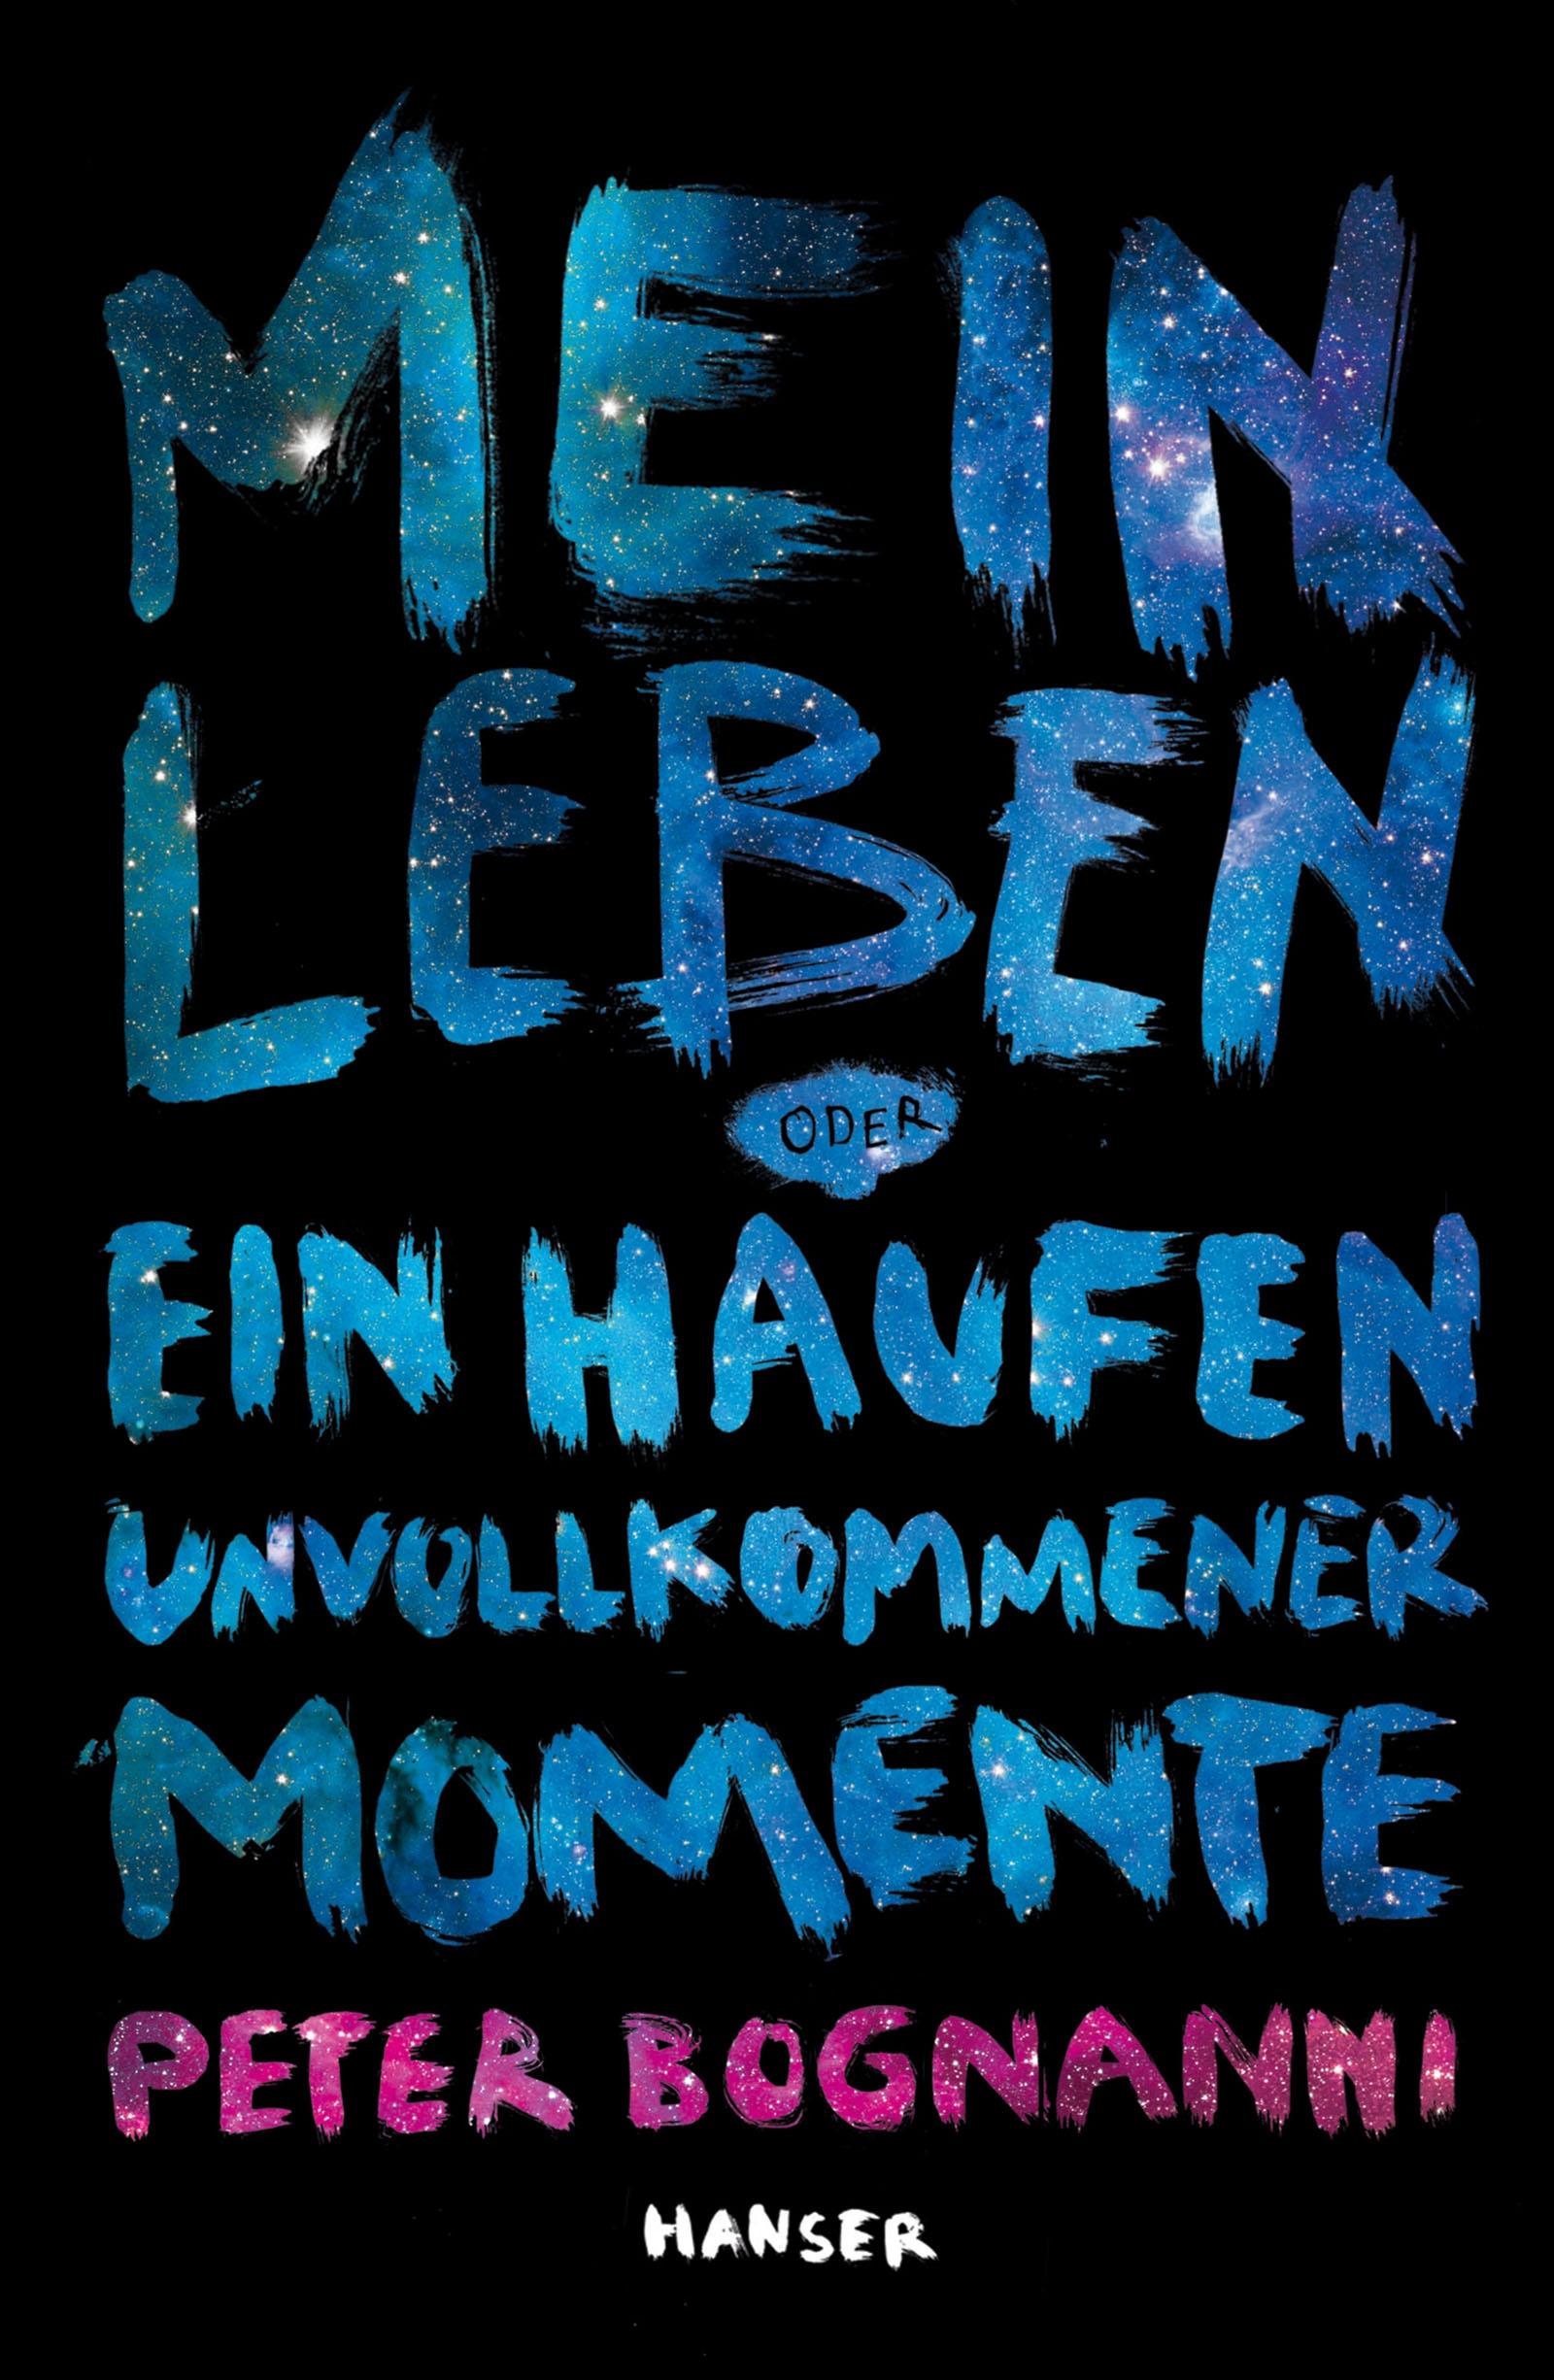 https://www.hanser-literaturverlage.de/buch/mein-leben-oder-ein-haufen-unvollkommener-momente/978-3-446-25863-1/